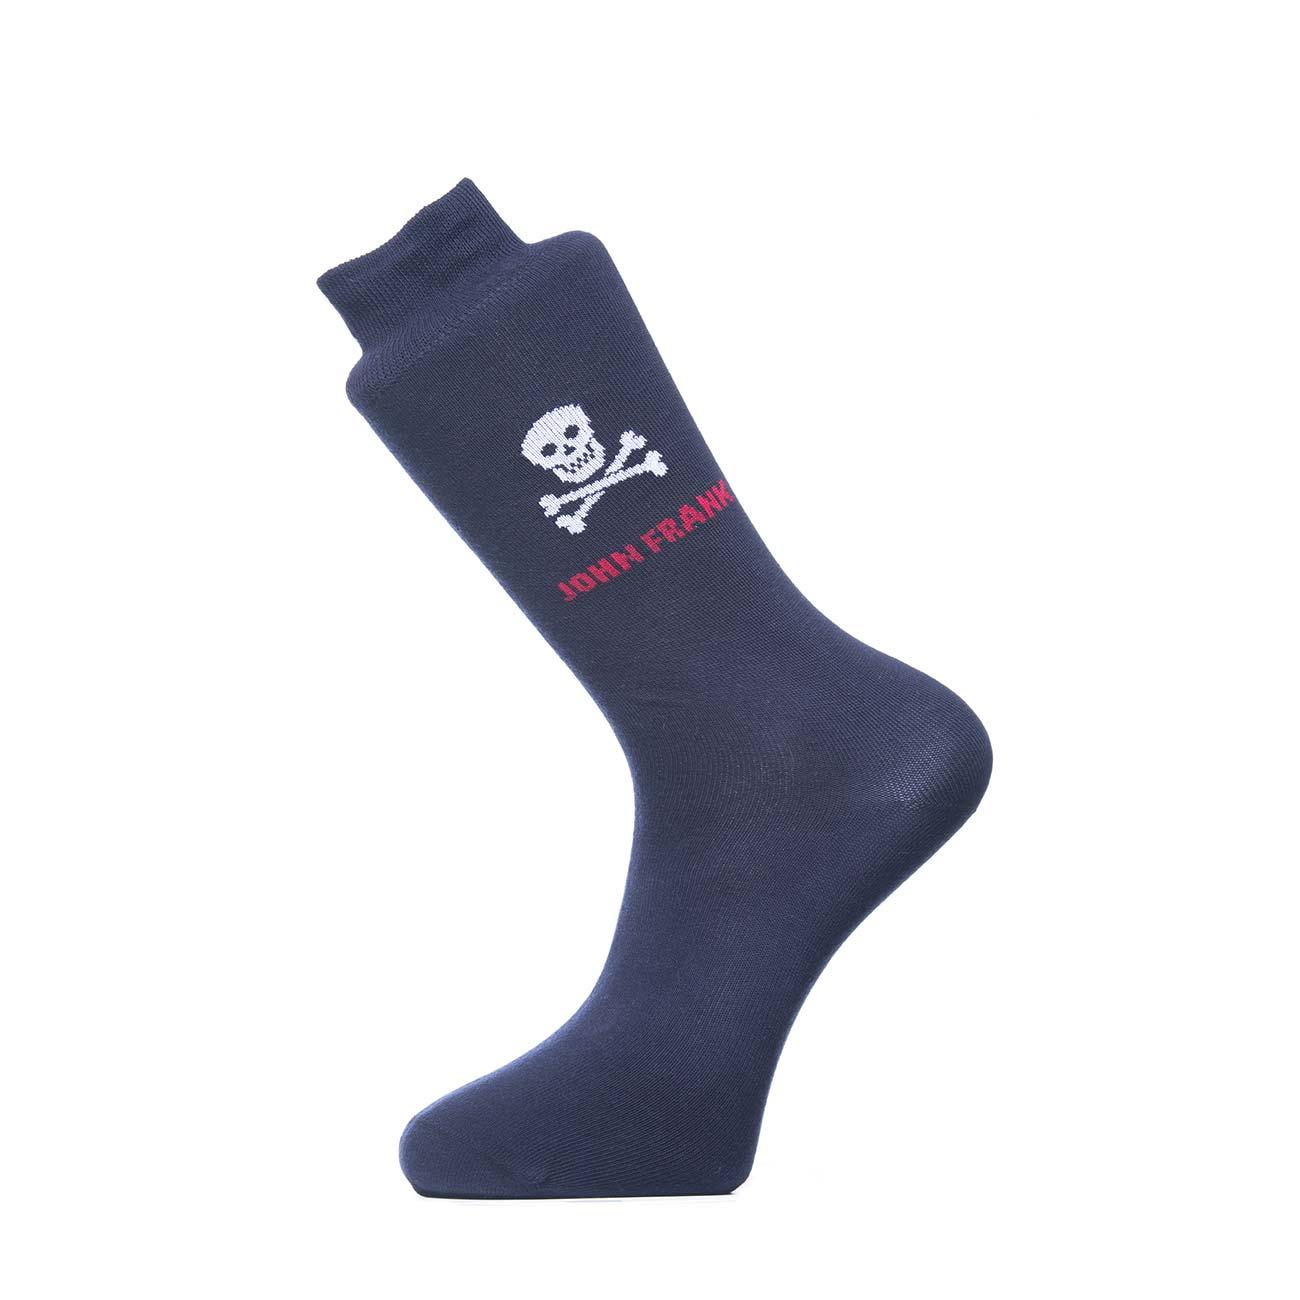 Ανδρική κάλτσα John Frank - 3 pack JF3LS17W23